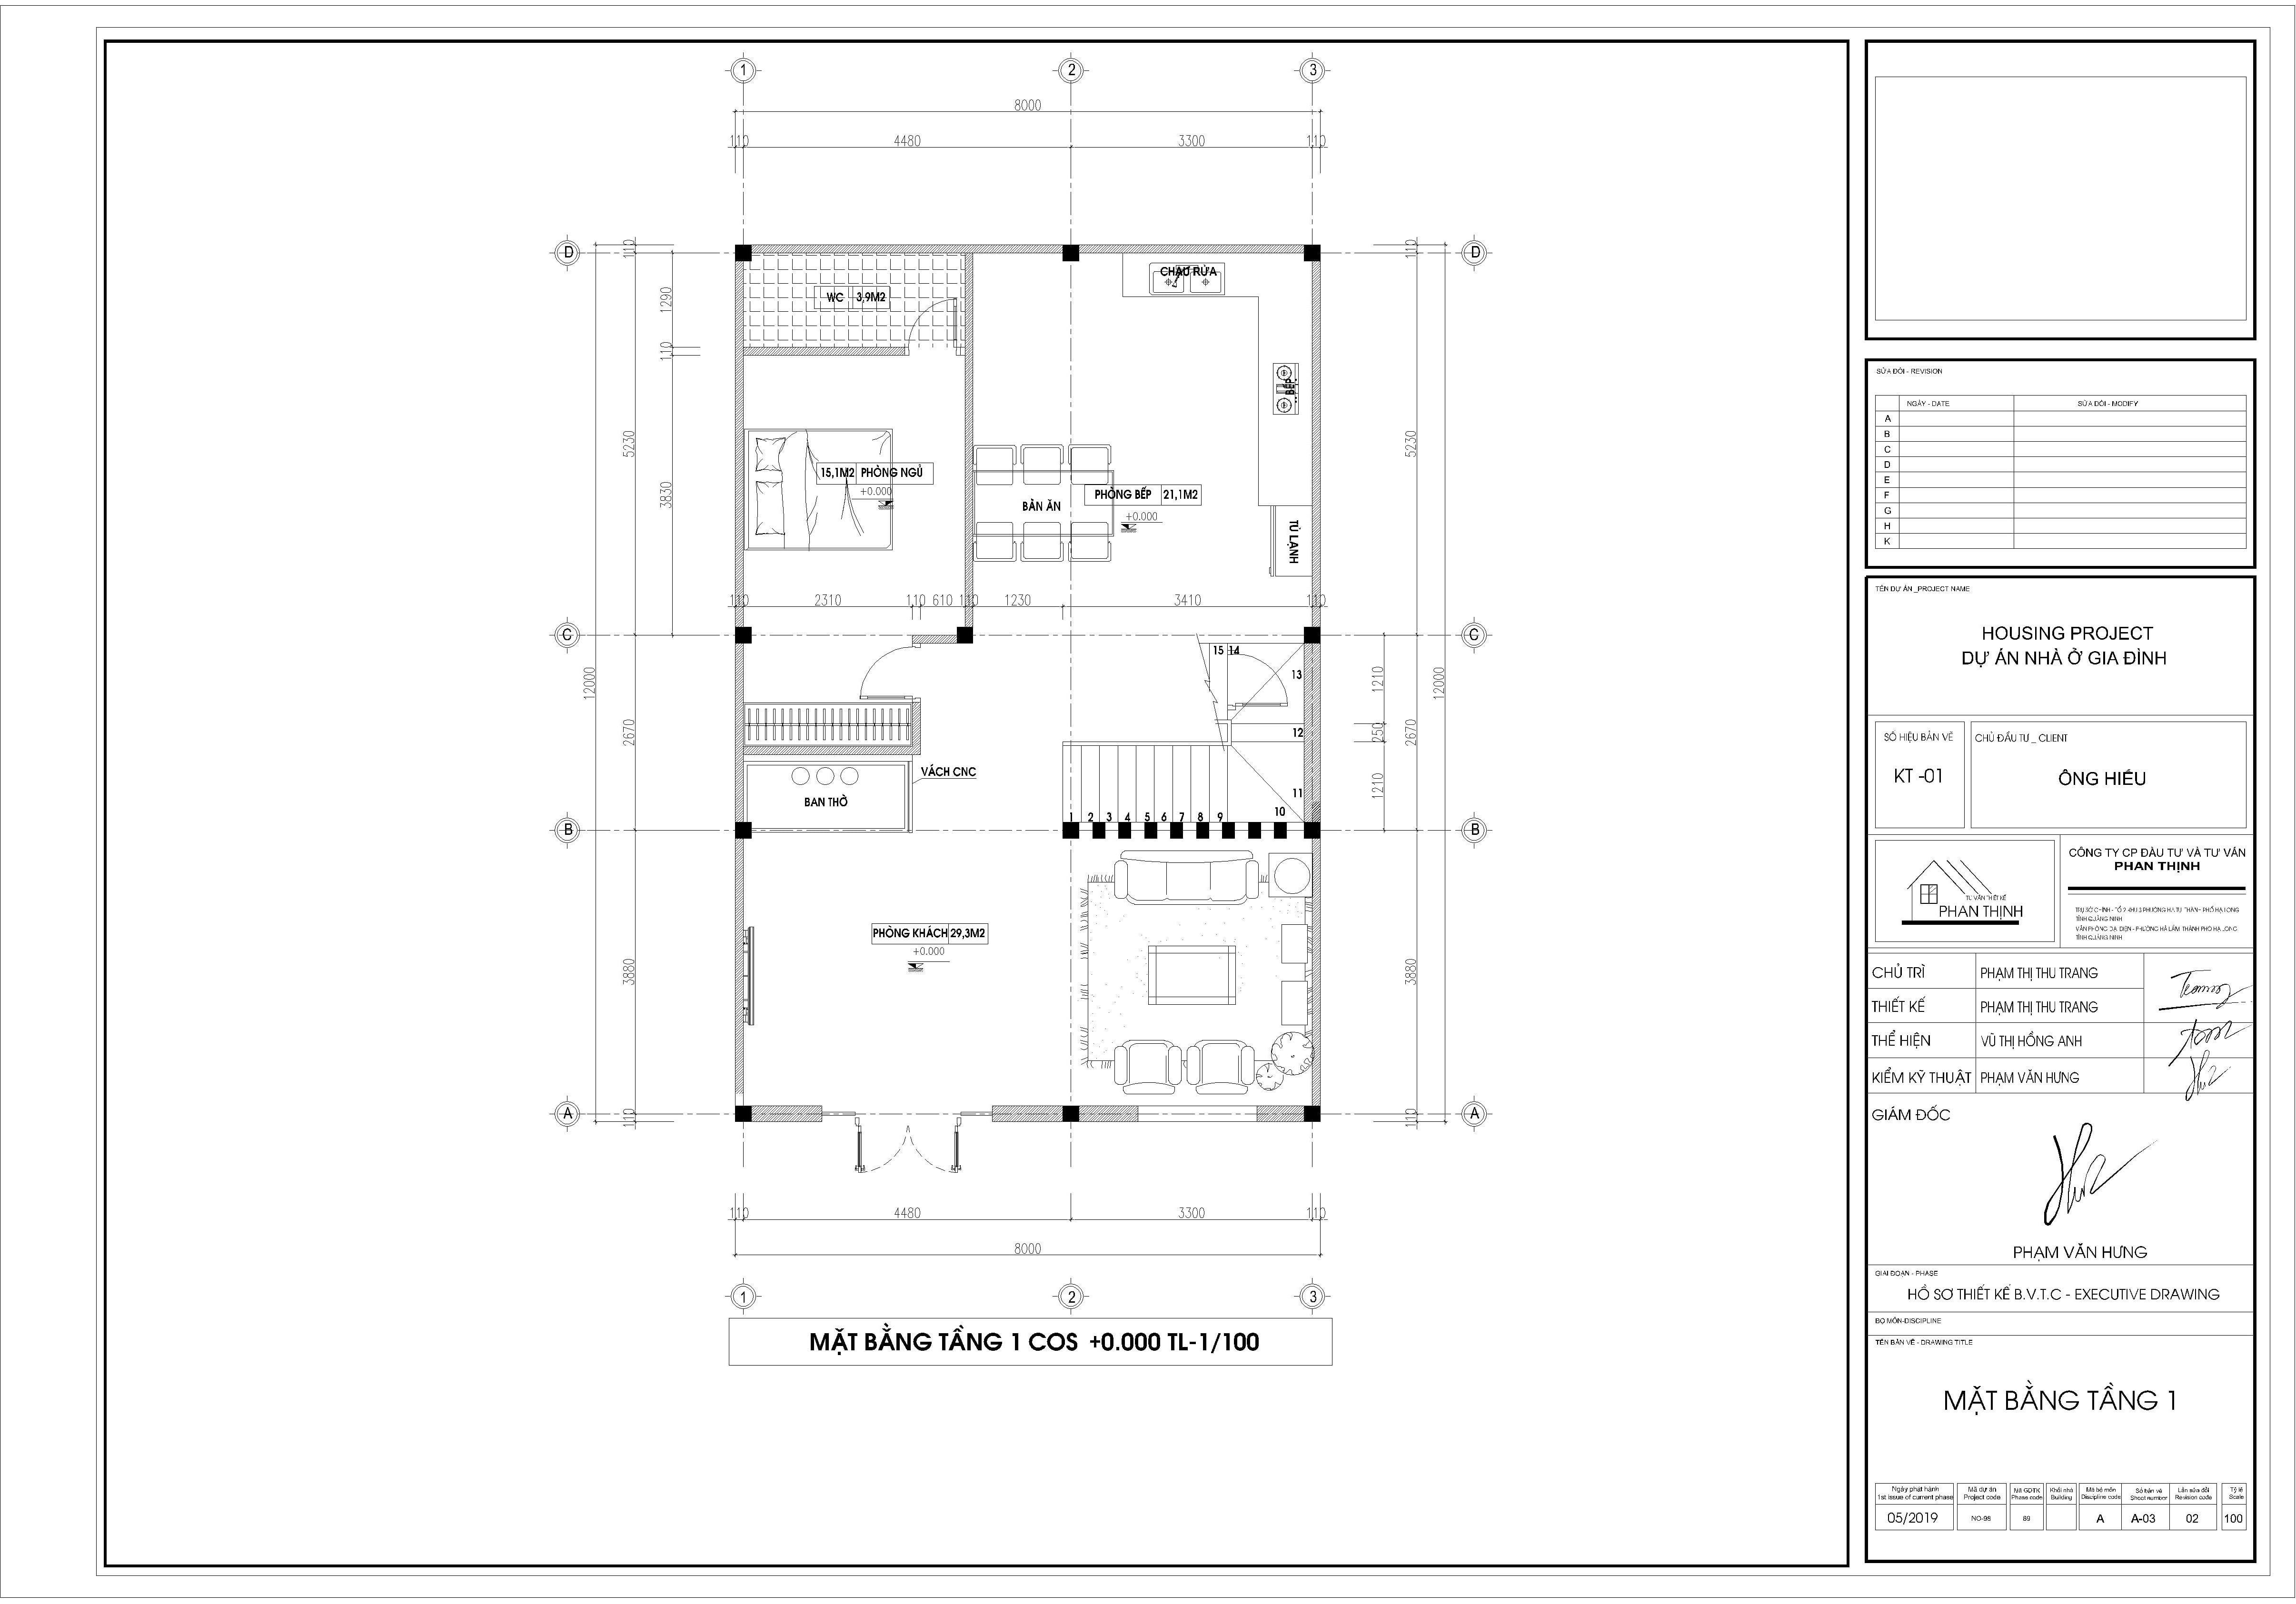 Mặt bằng thiết kế tầng 1 căn biệt thự 2 tầng tân cổ điển Quảng Ninh